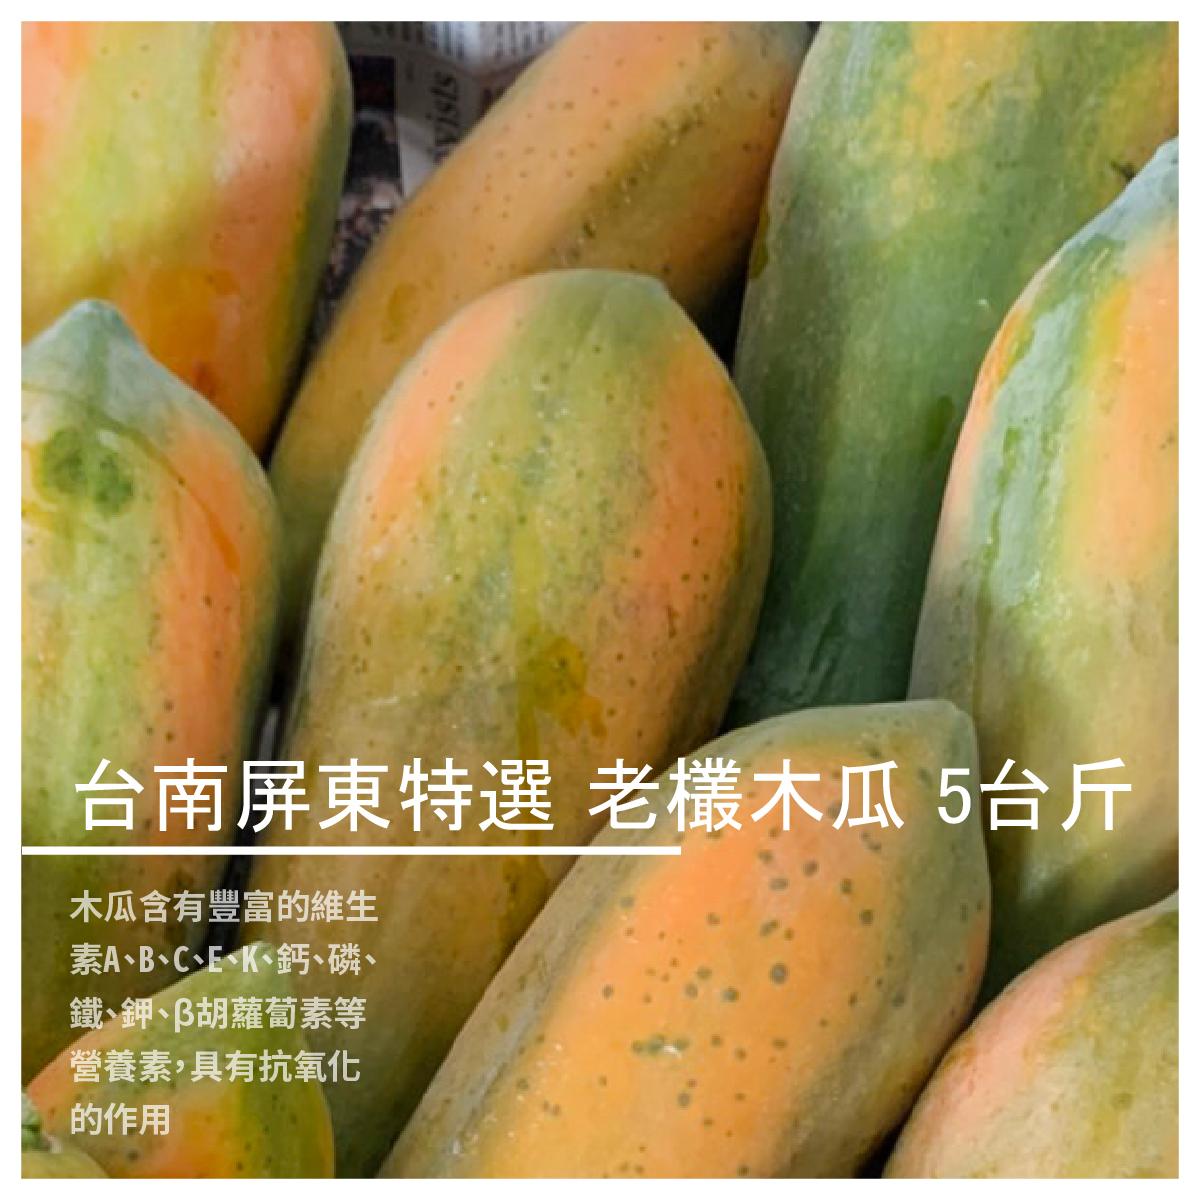 【上憬青果行】台南屏東特選 老欉木瓜 5台斤